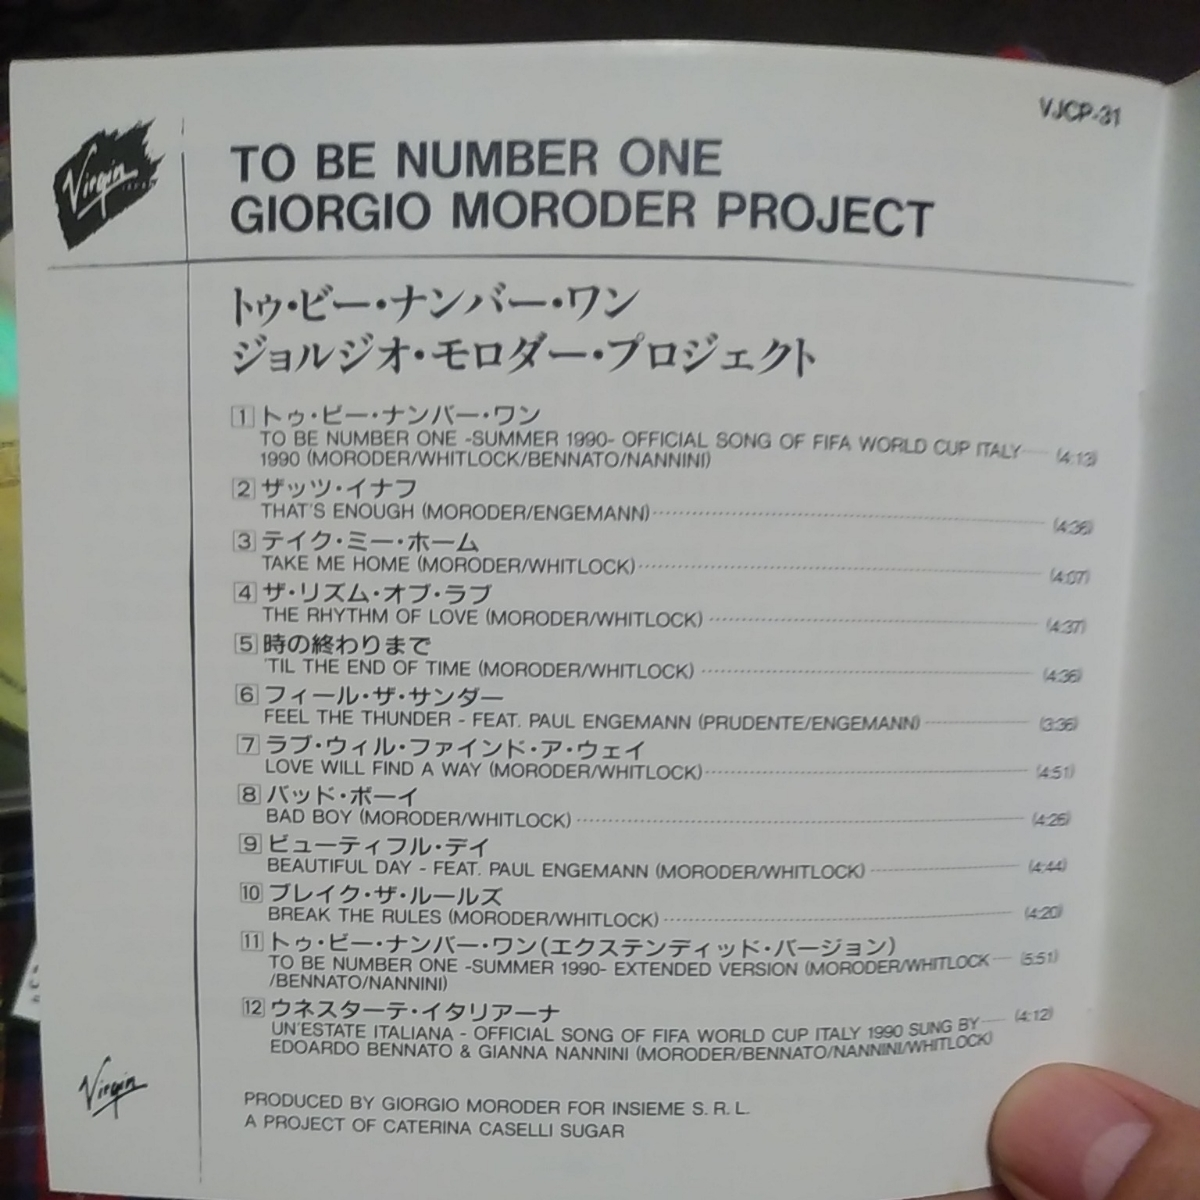 ジョルジオ・モロダー・プロジェクト『トゥ・ビー・ナンバー・ワン』VJCP-31 GIORGIO MORODER_画像7